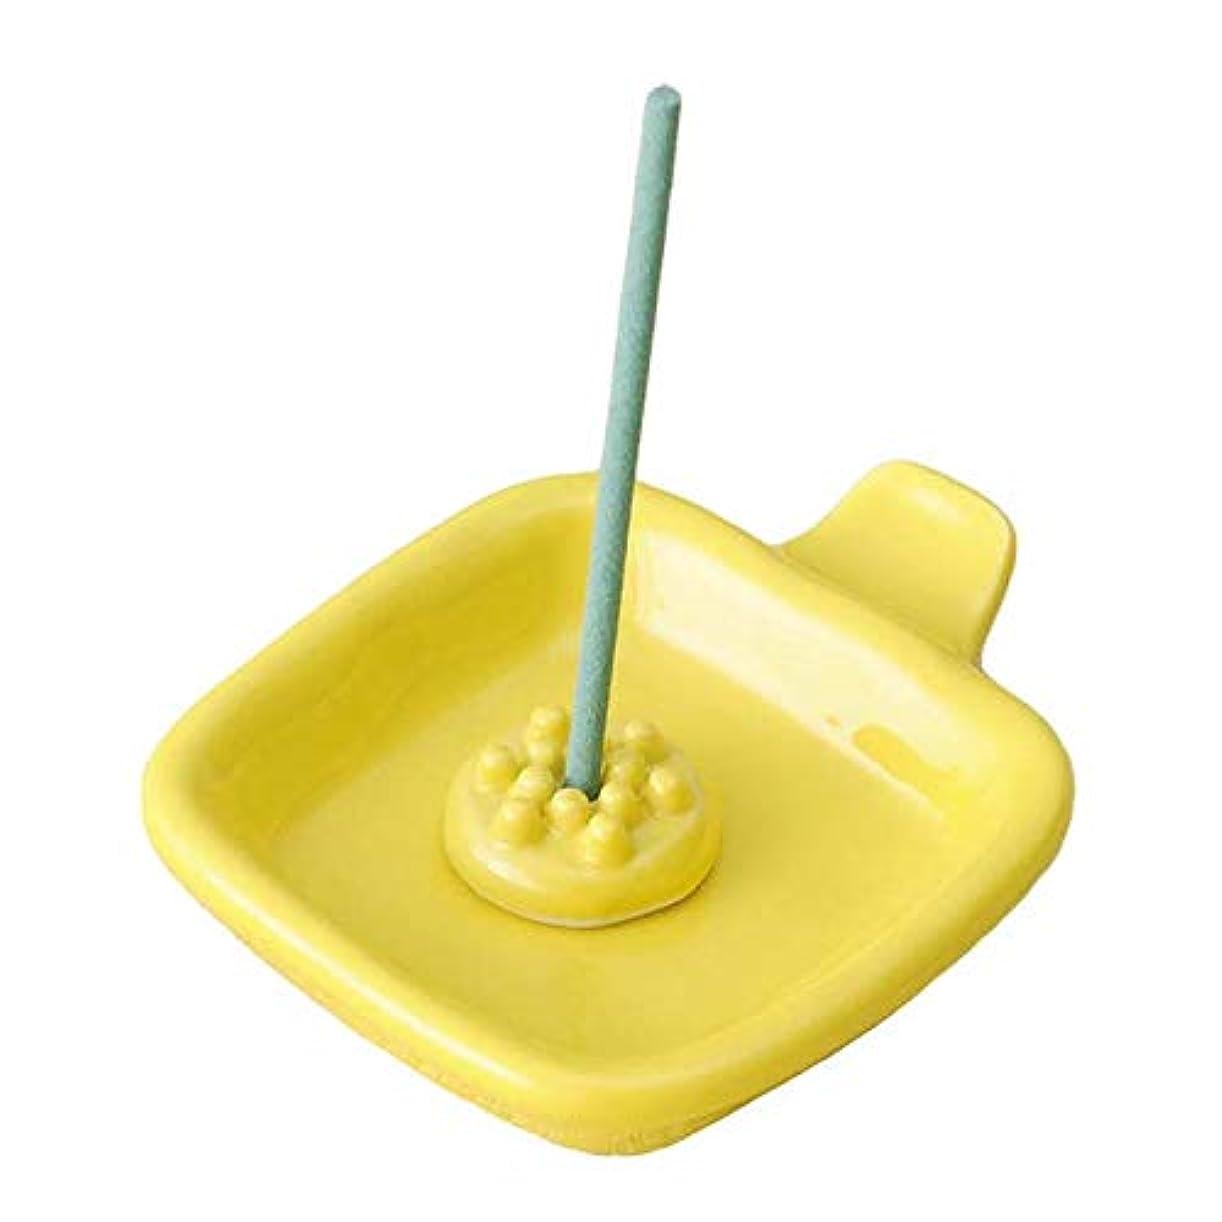 単位チャーターフラフープ香皿 香立て/手付 角香皿 黄(香玉付) /香り アロマ 癒やし リラックス インテリア プレゼント 贈り物